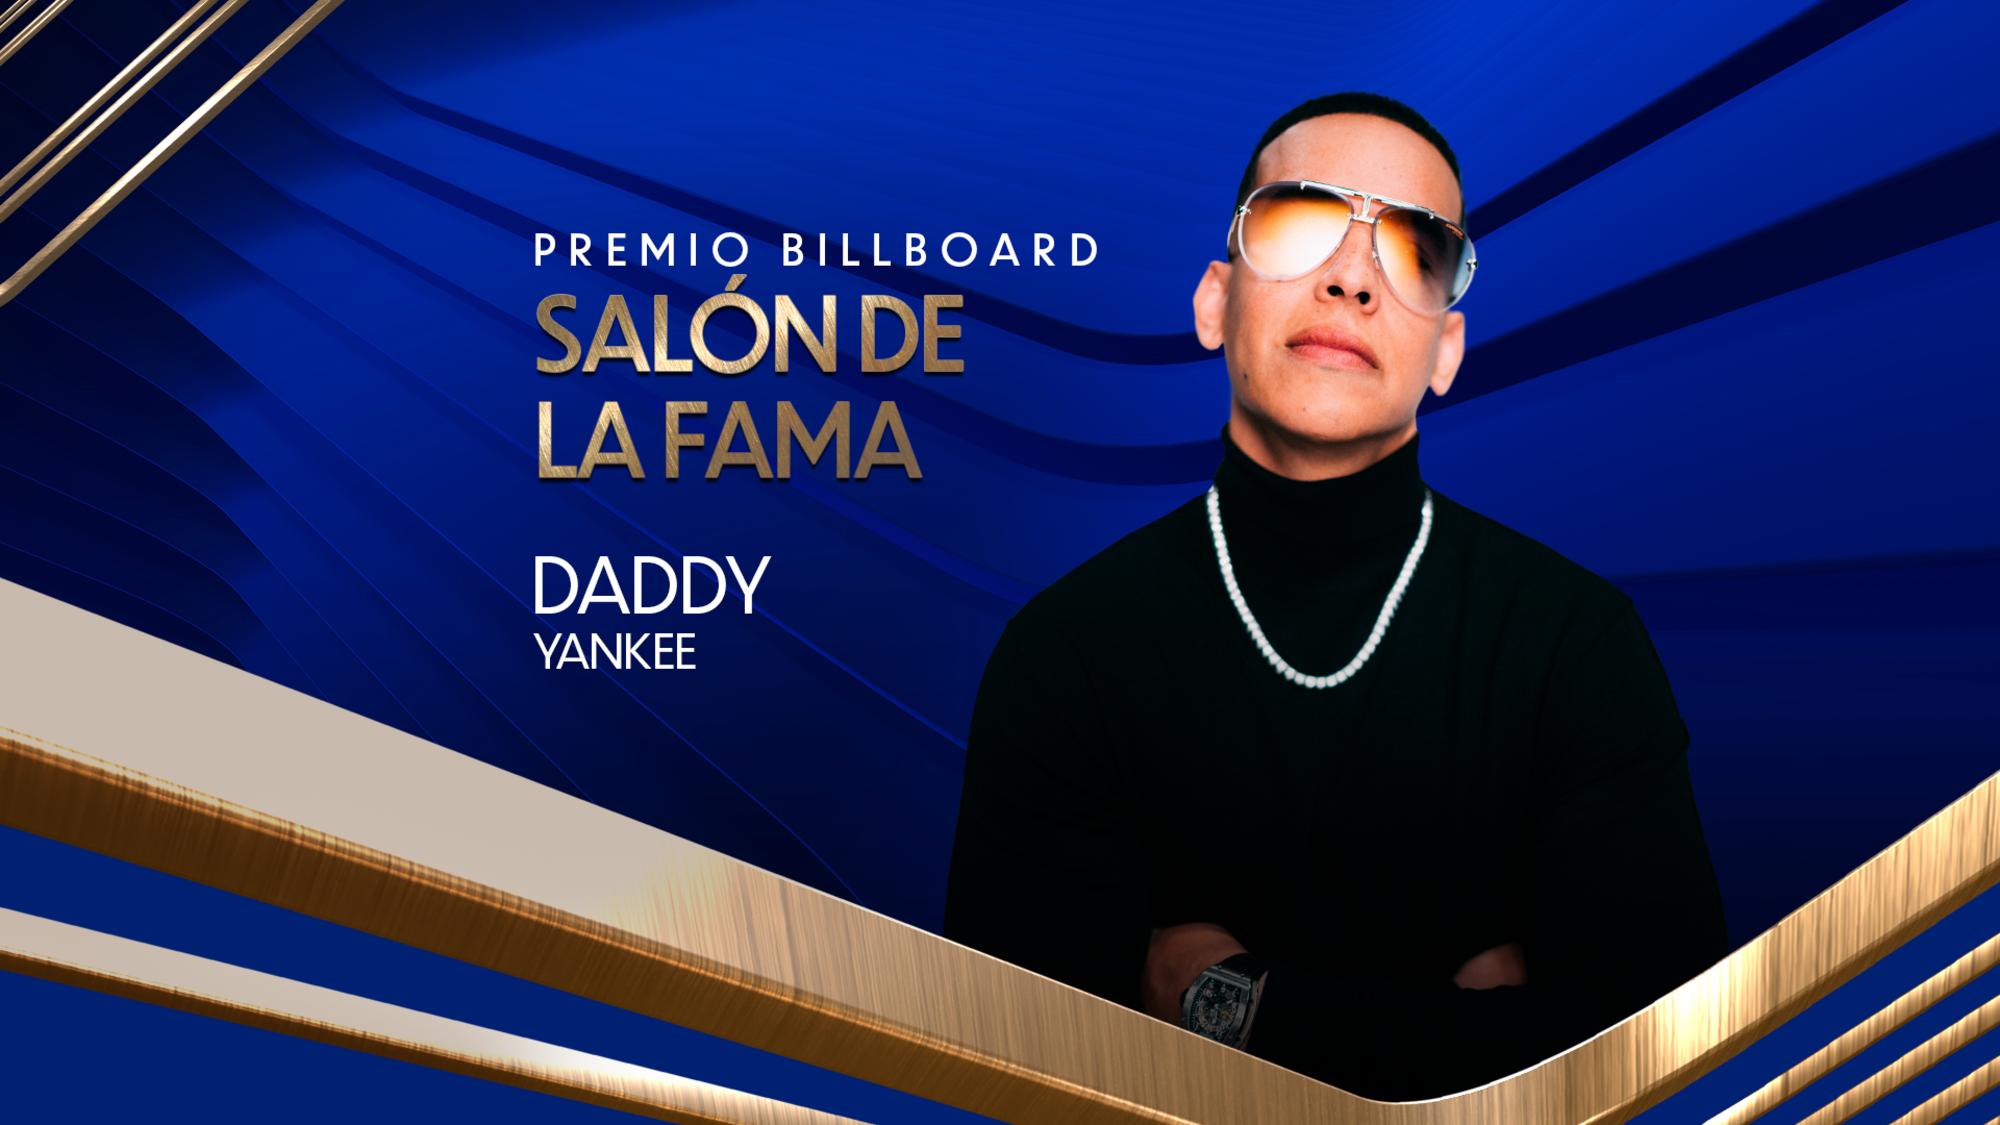 Daddy Yankee será honrado con el premio Billboard Salón de la Fama.